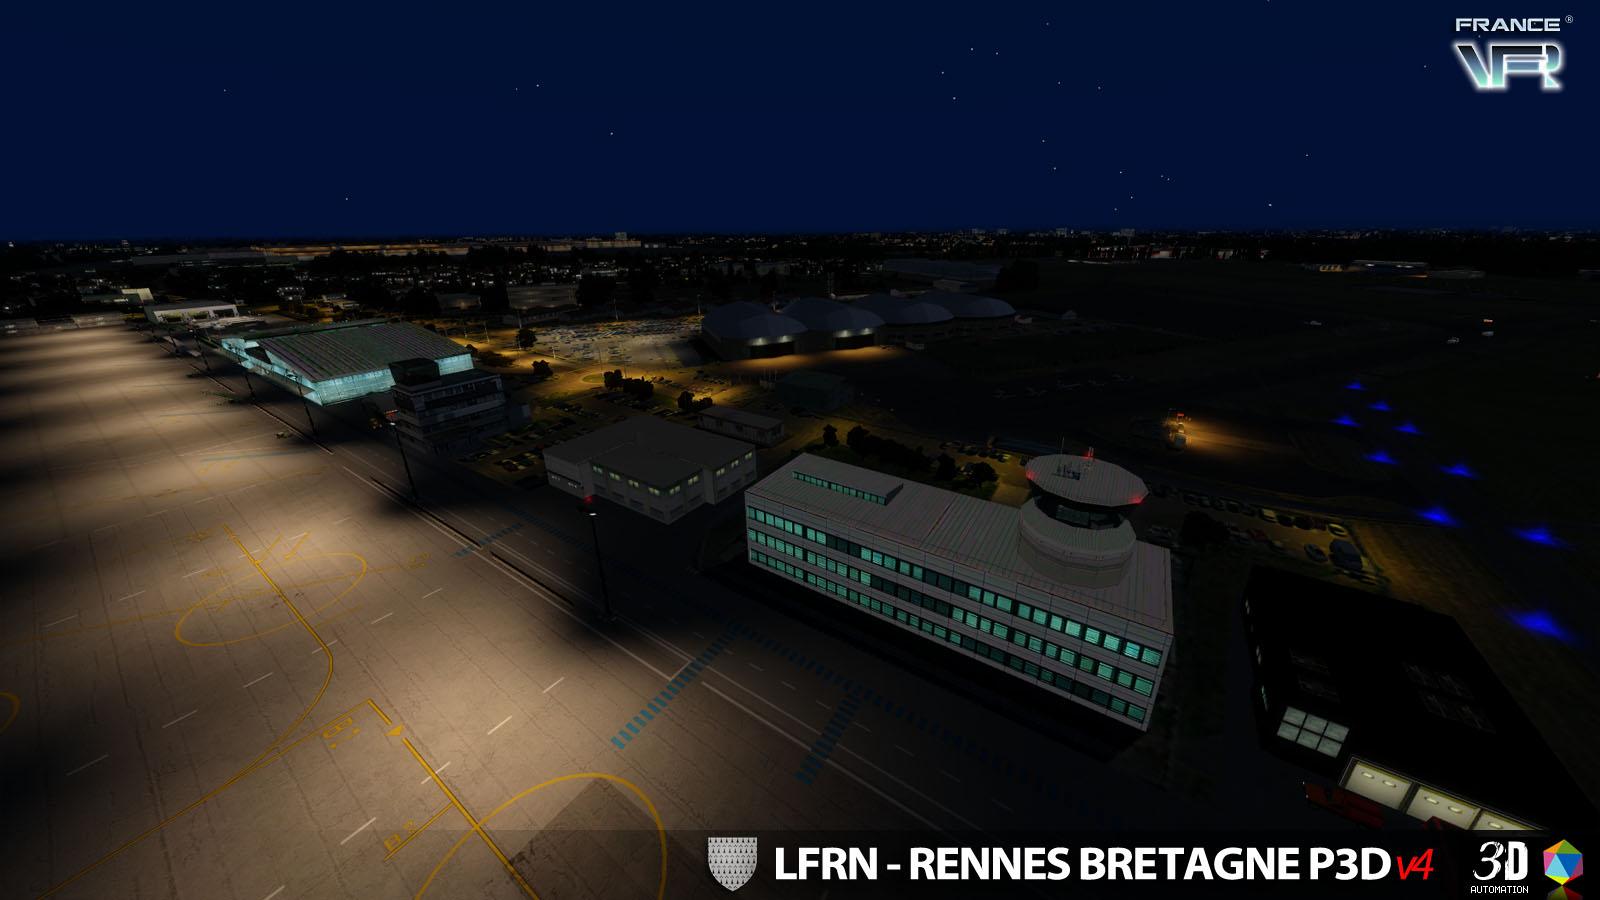 LFRNP3D_19